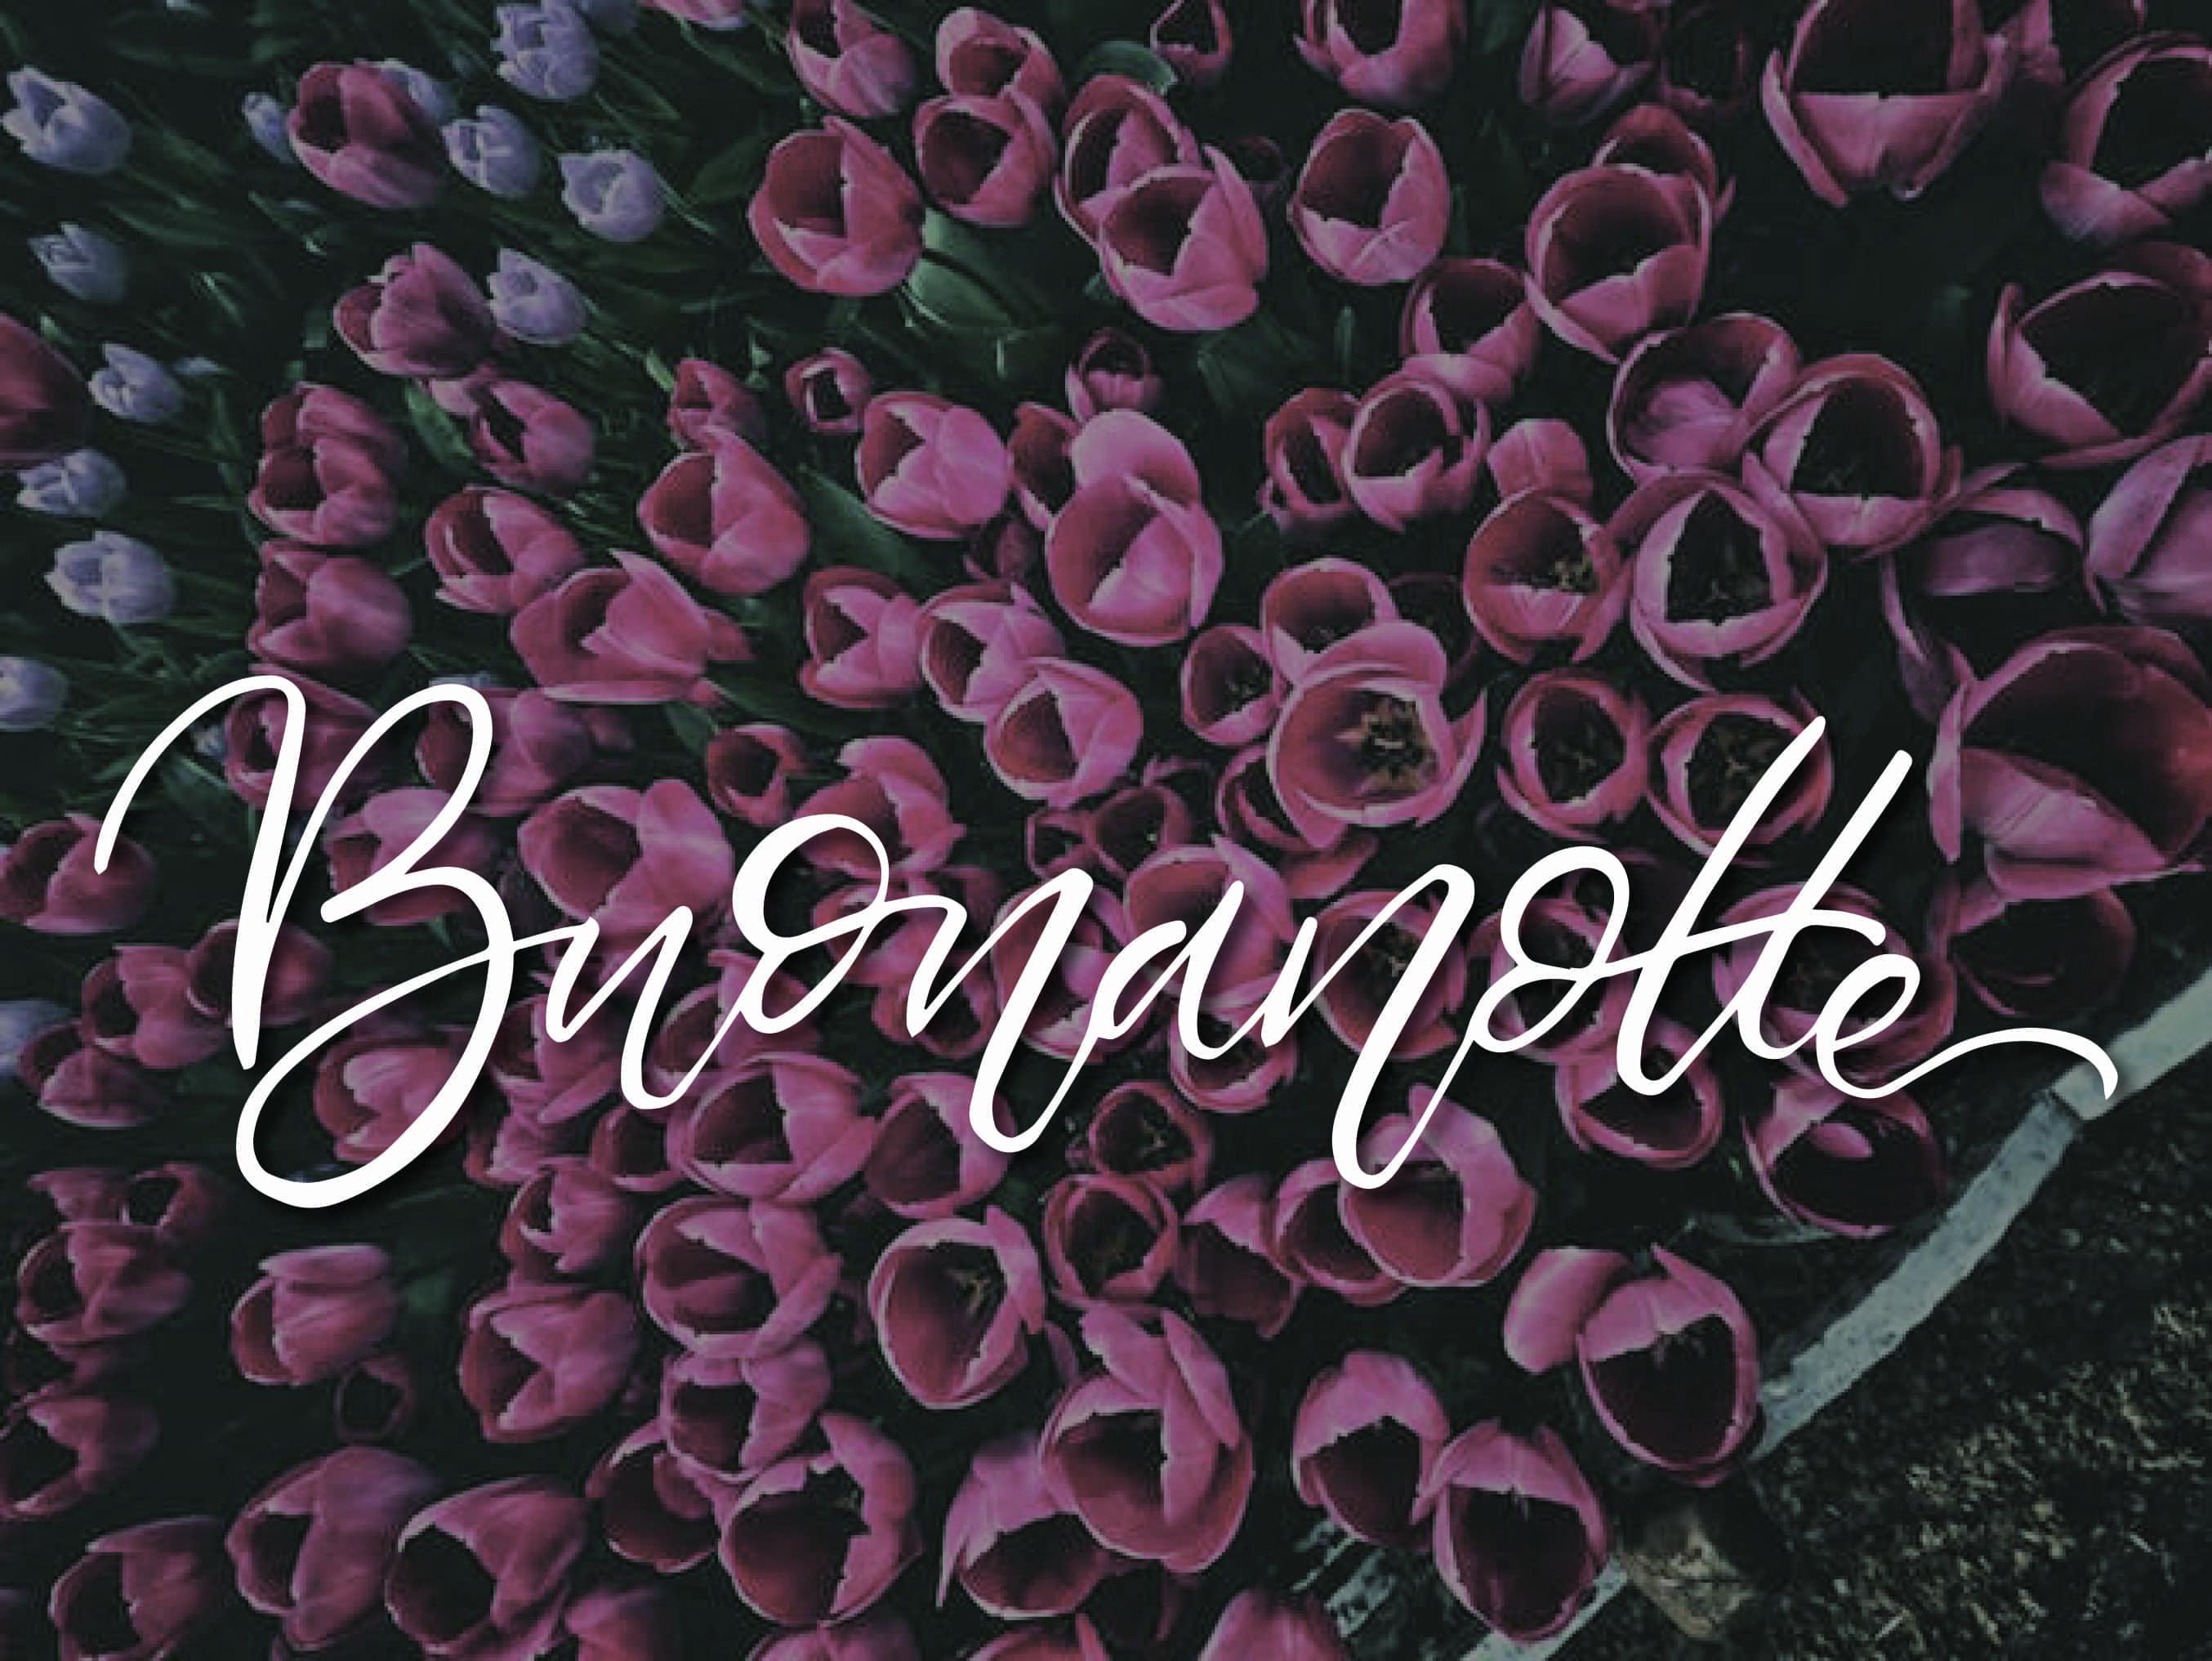 buonanote con i fiori, buona notte con i tulipani